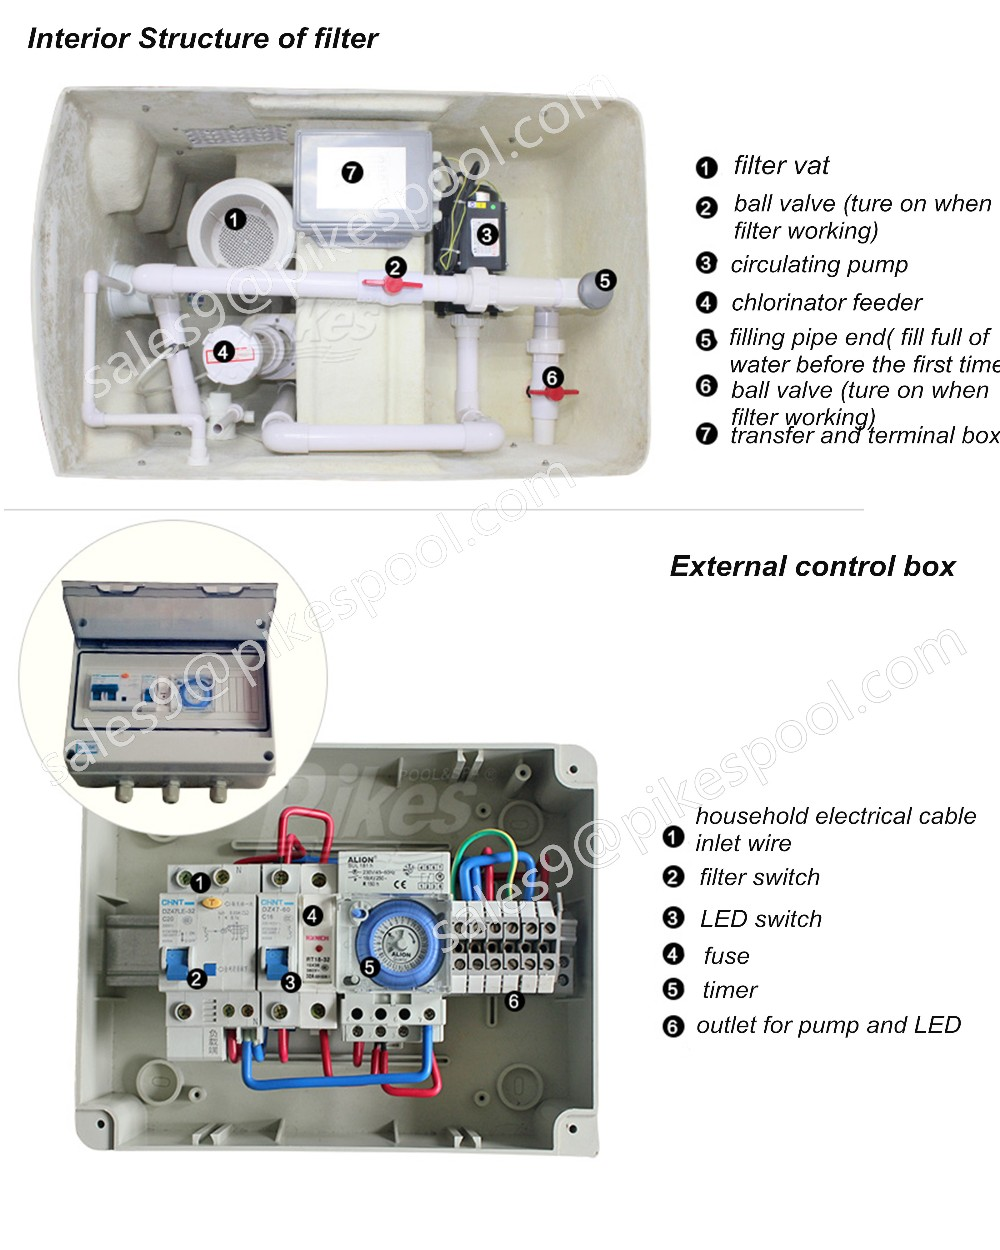 vigor pool equipments swimming pool filters pk8020 view vigor pool equipments swimming pool filters pk8020